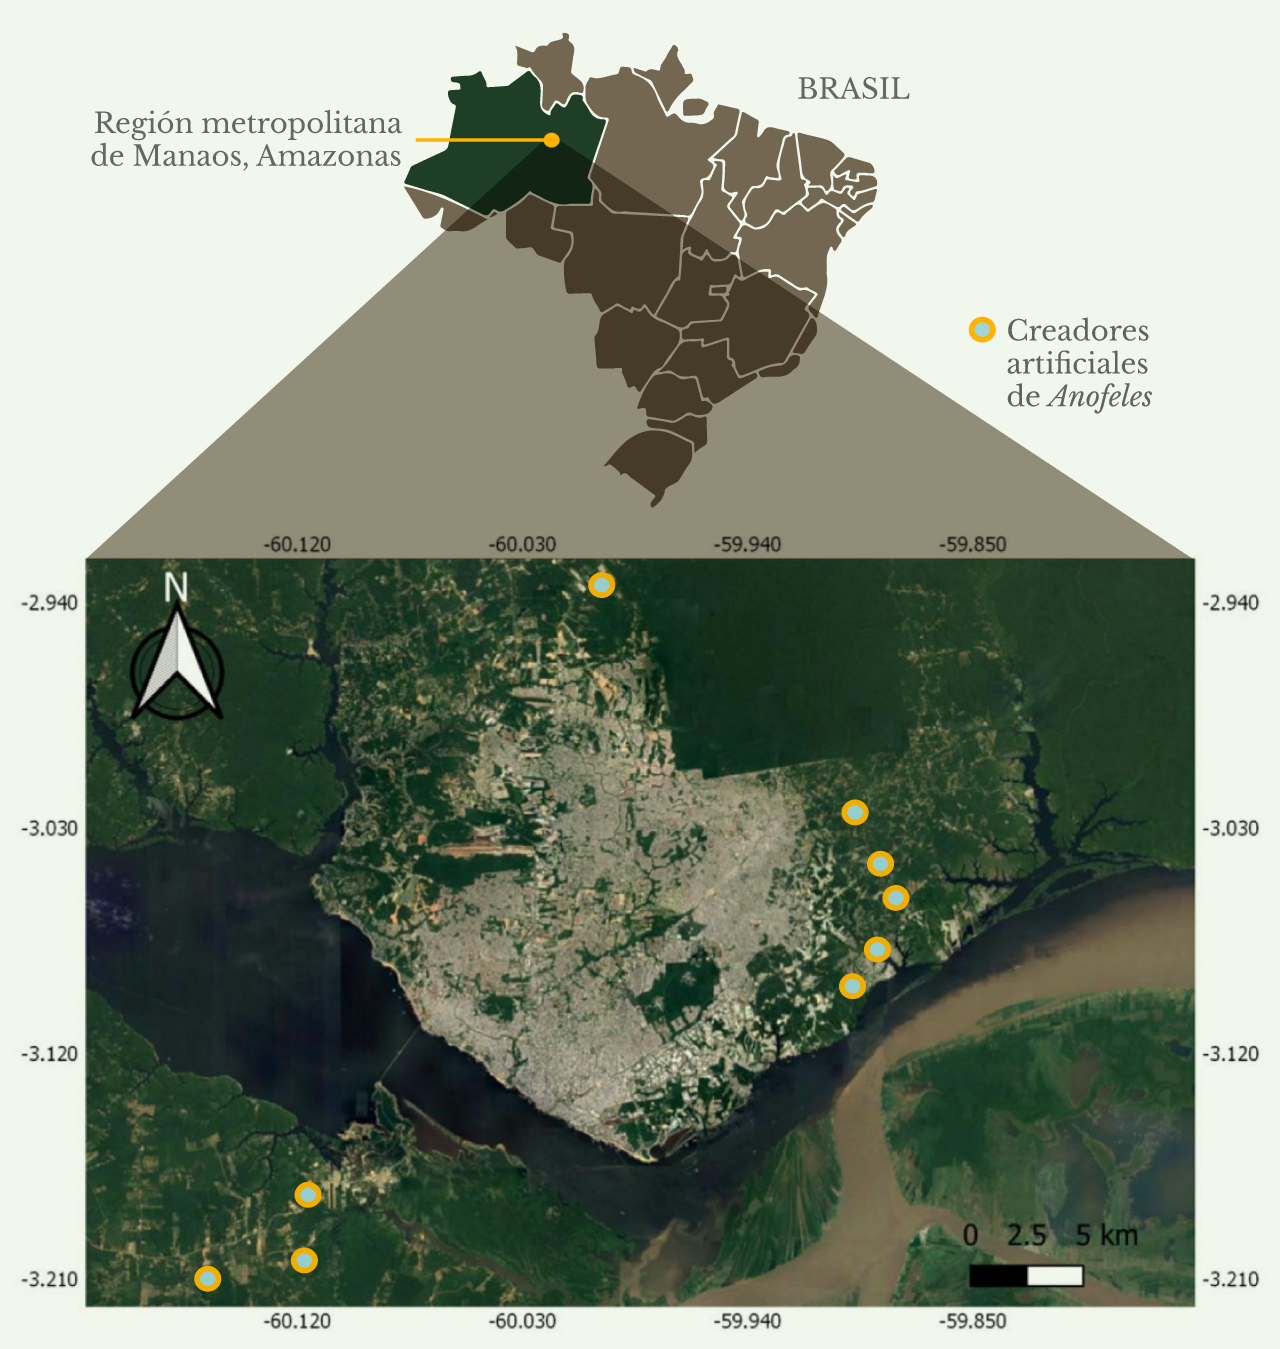 Distribución de criaderos artificiales de anofelinos en la región metropolitana de Manaus, Amazonas